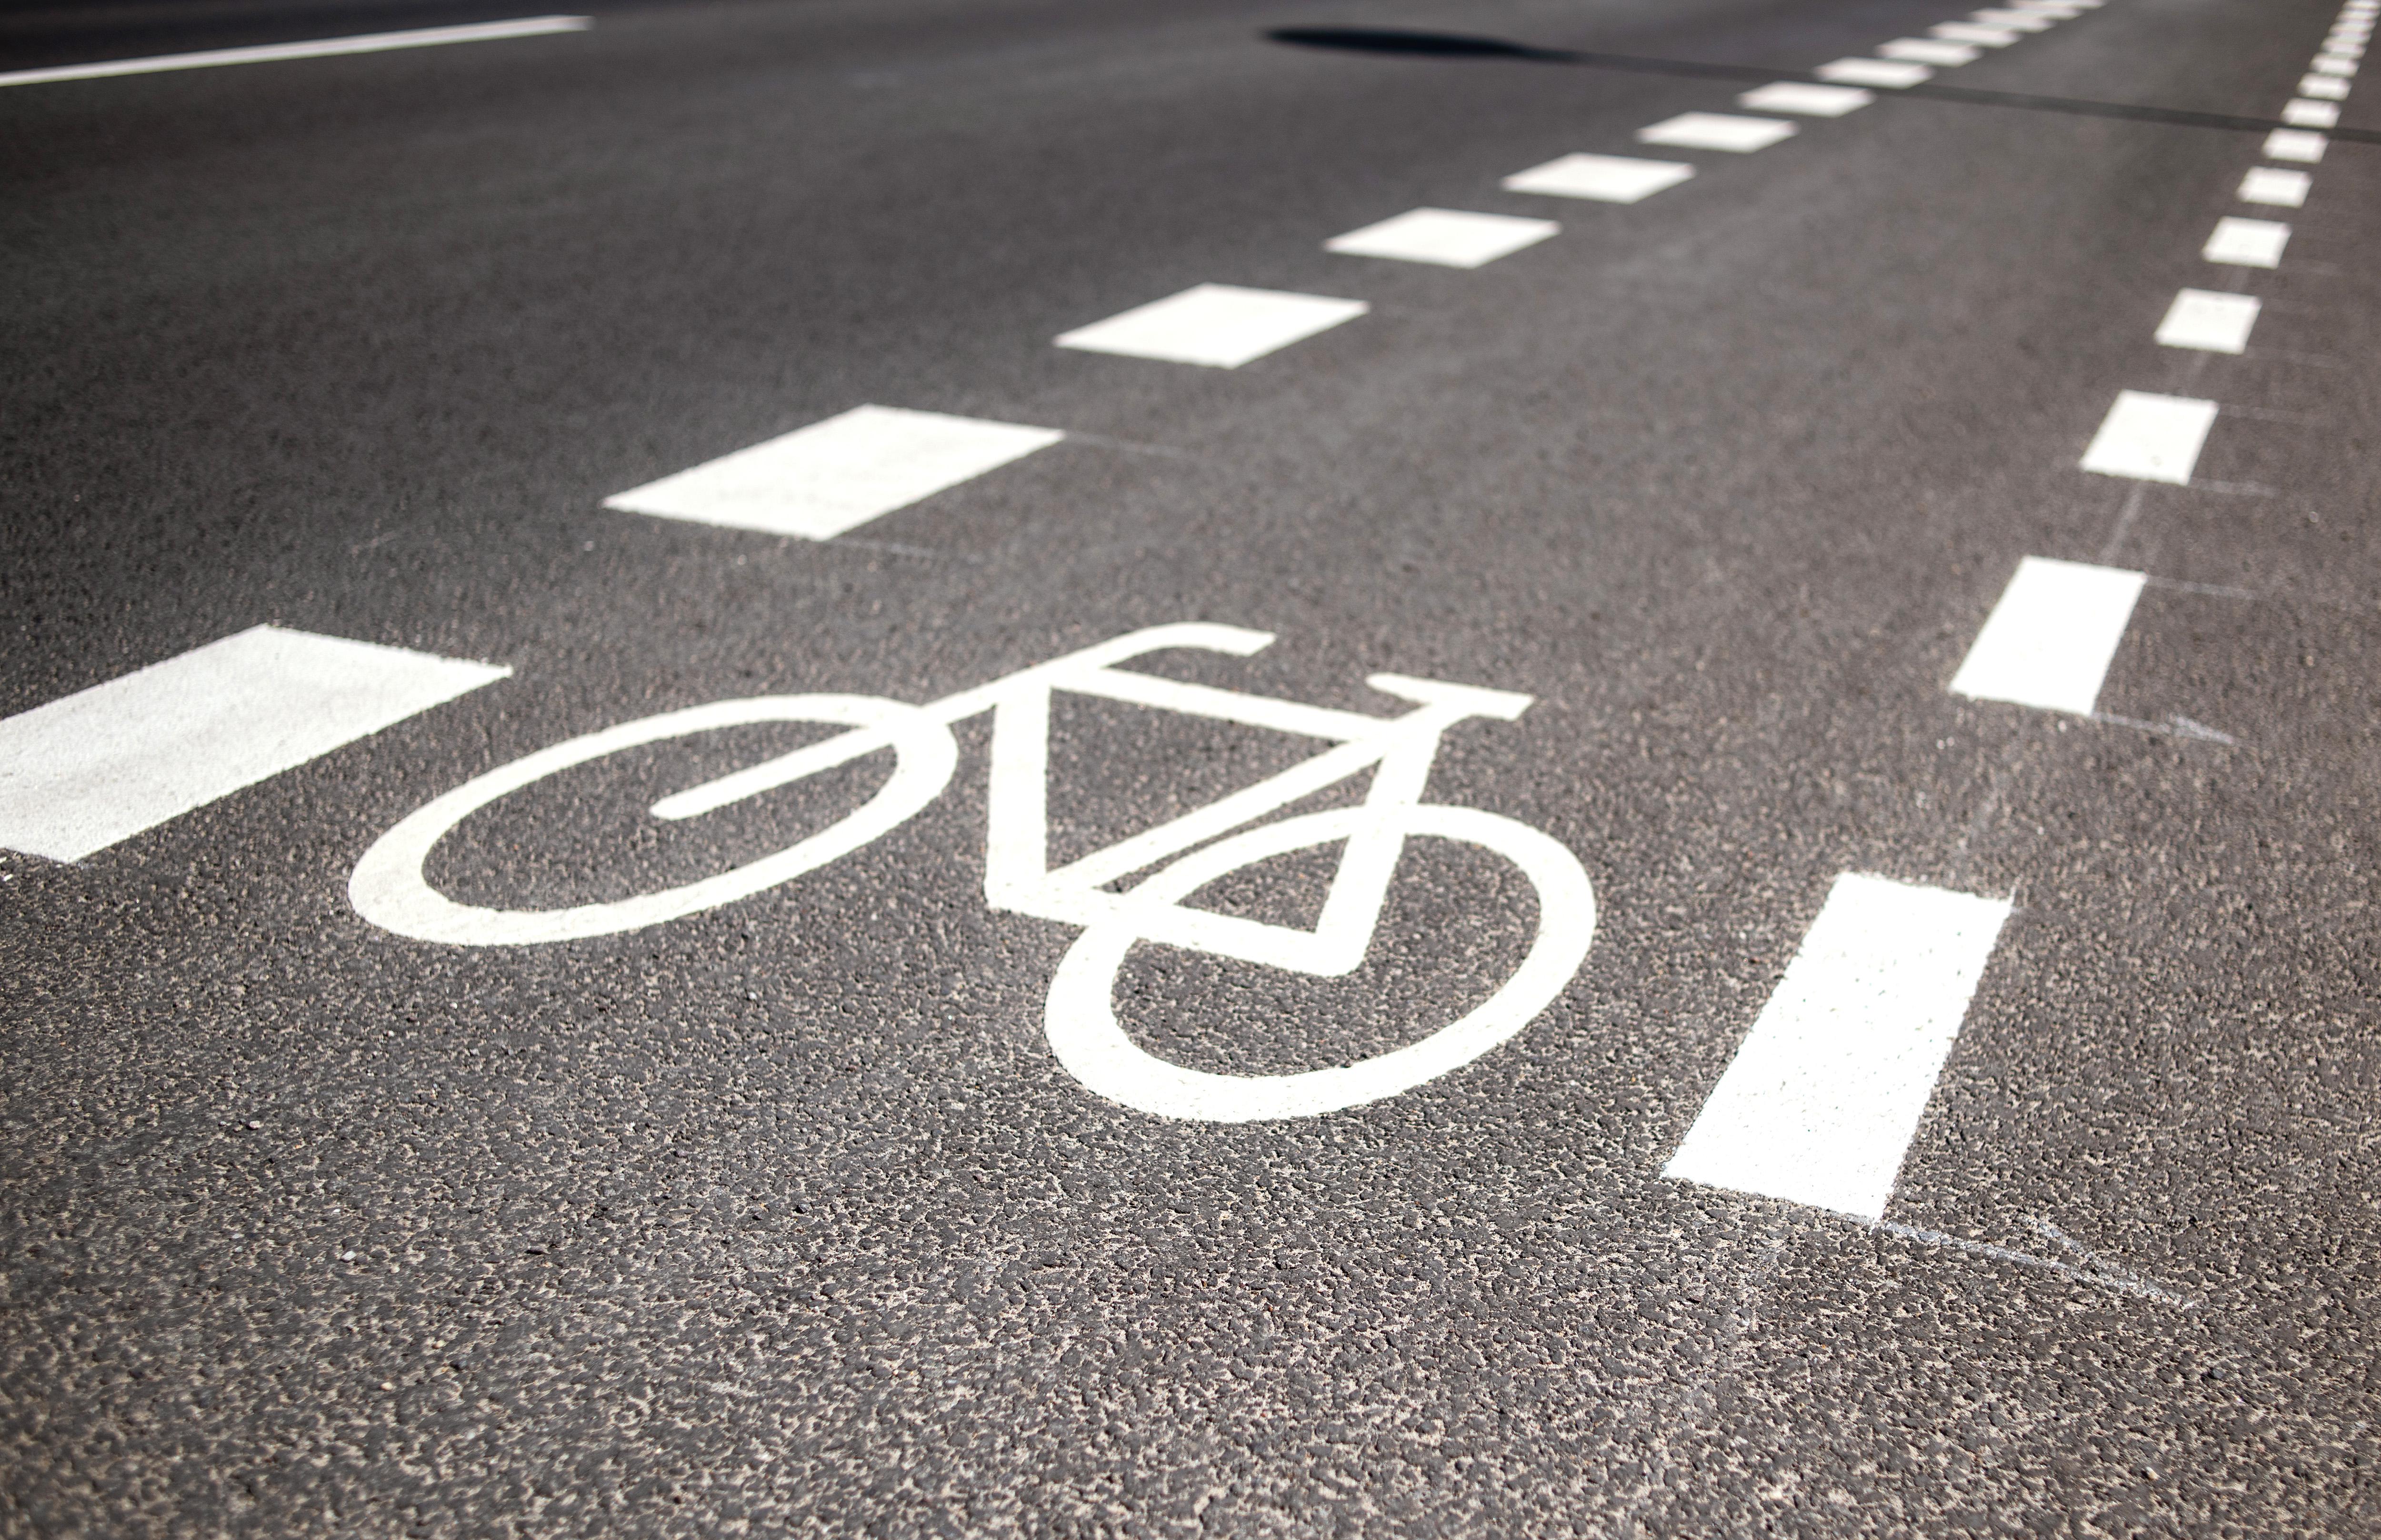 Ist welches richtig fahrrad verhalten Fahrrad: Welches